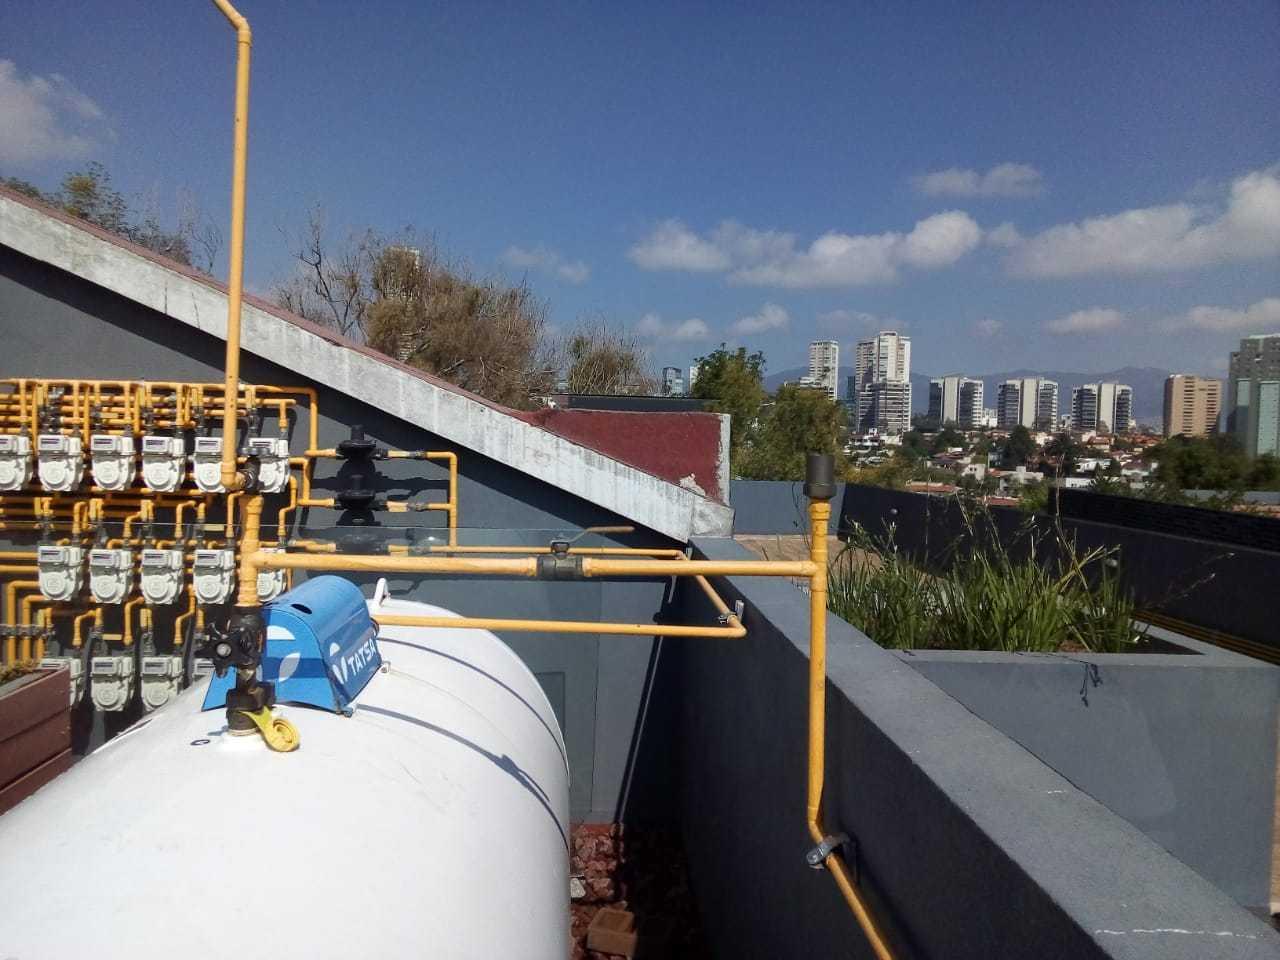 instalación de tanques estacionarios en mexico Instalación de tanques estacionarios en mexico – Gaslink WhatsApp Image 2020 01 13 at 11